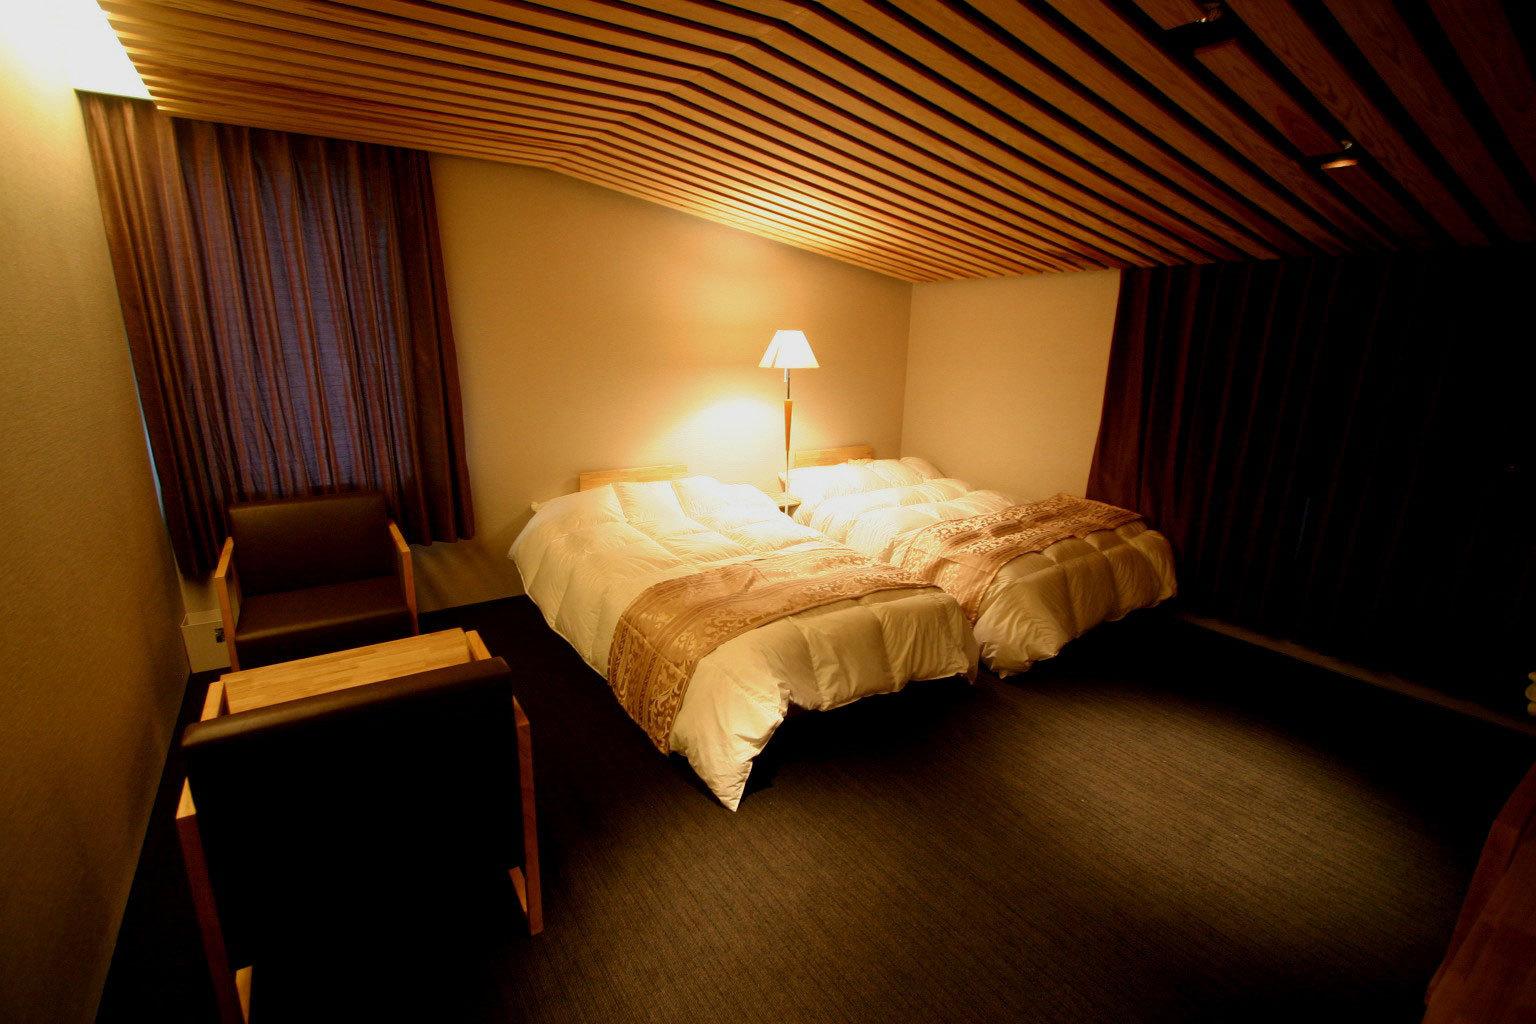 雲の上のホテル別館・マルシェユスハラ 関連画像 2枚目 楽天トラベル提供